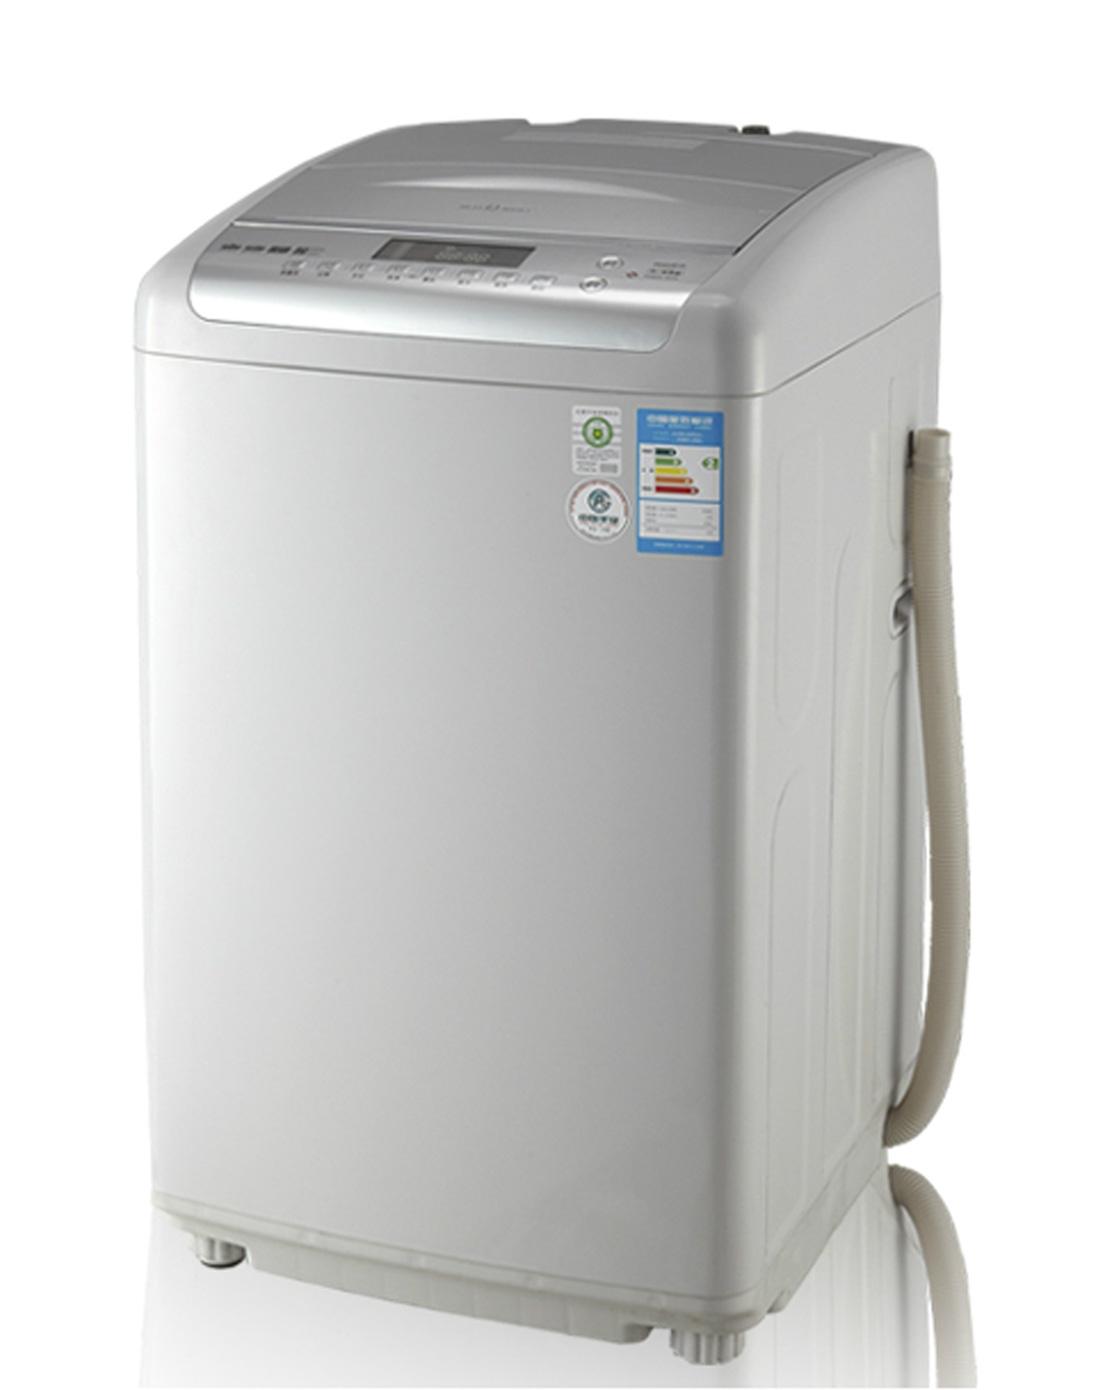 威力xqb70-7033 全自动7kg洗衣机